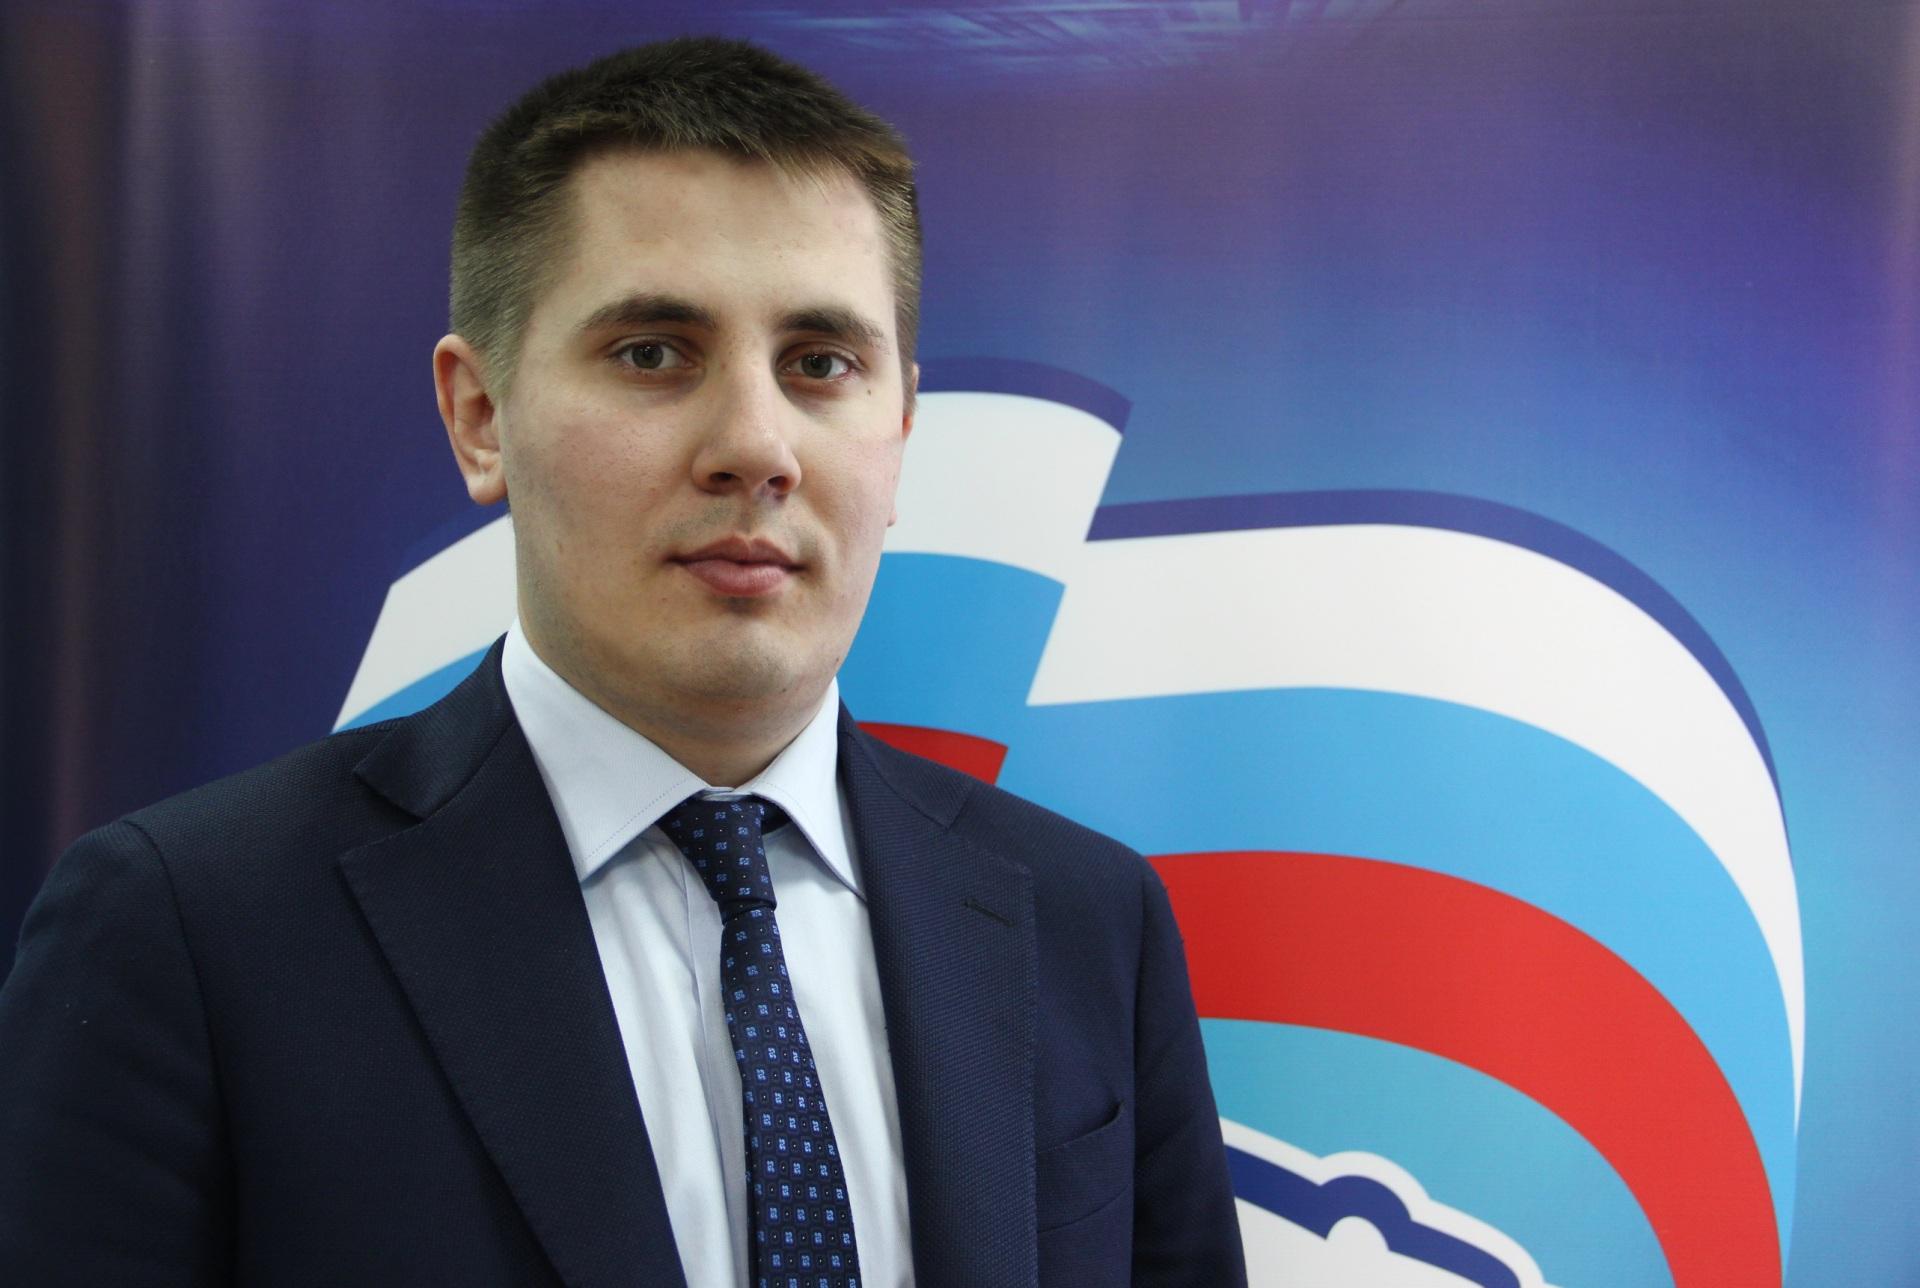 Куратор молодогвардейцев в Коми заявился на участие в предварительном голосовании по выборам в Госдуму